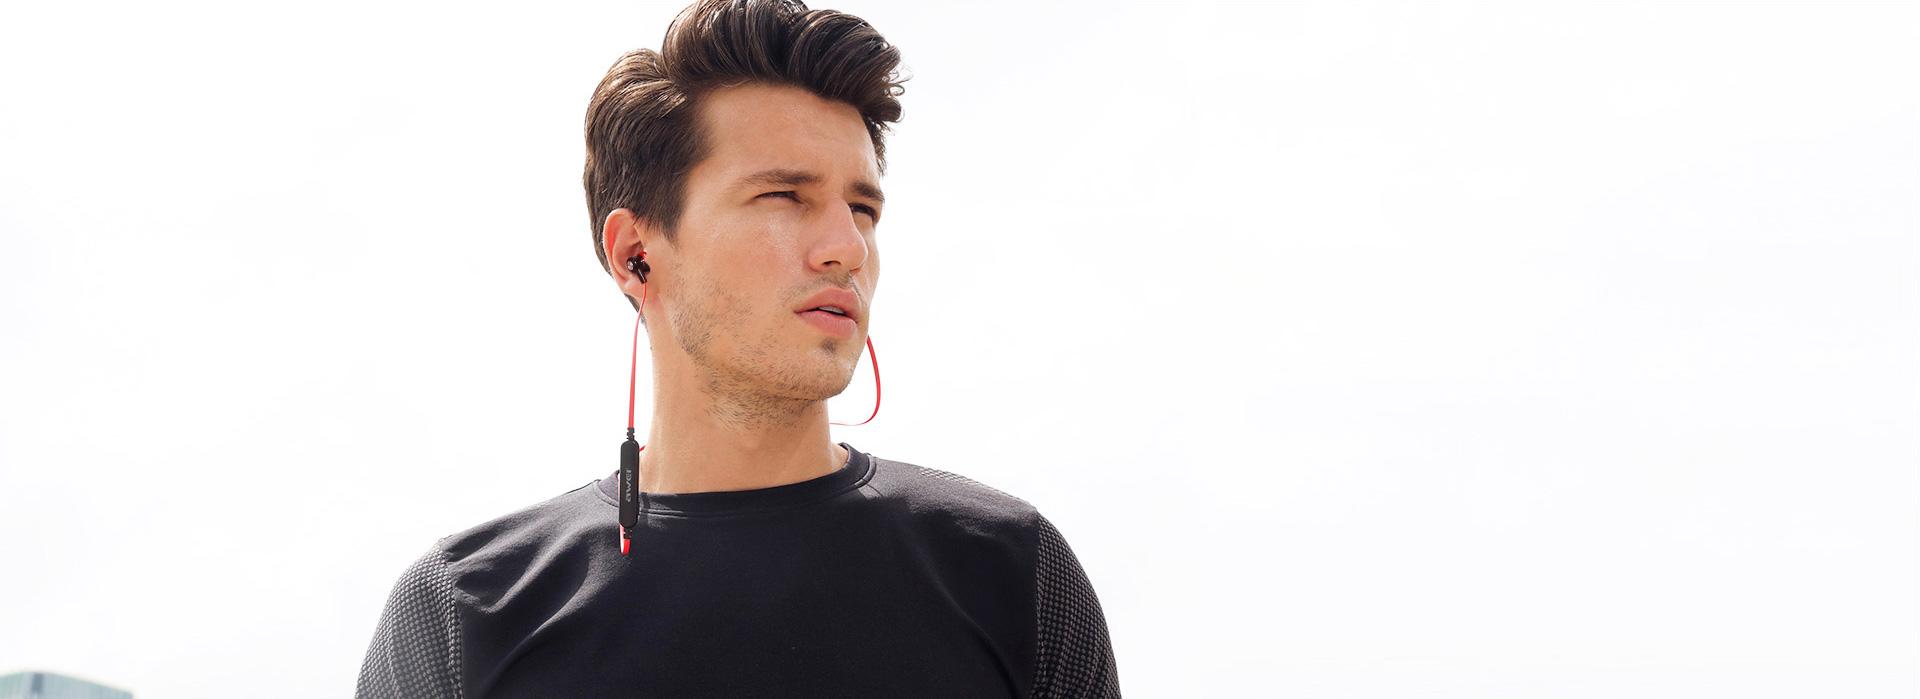 健康稳定的无线技术-智能运动蓝牙耳机 A980BL